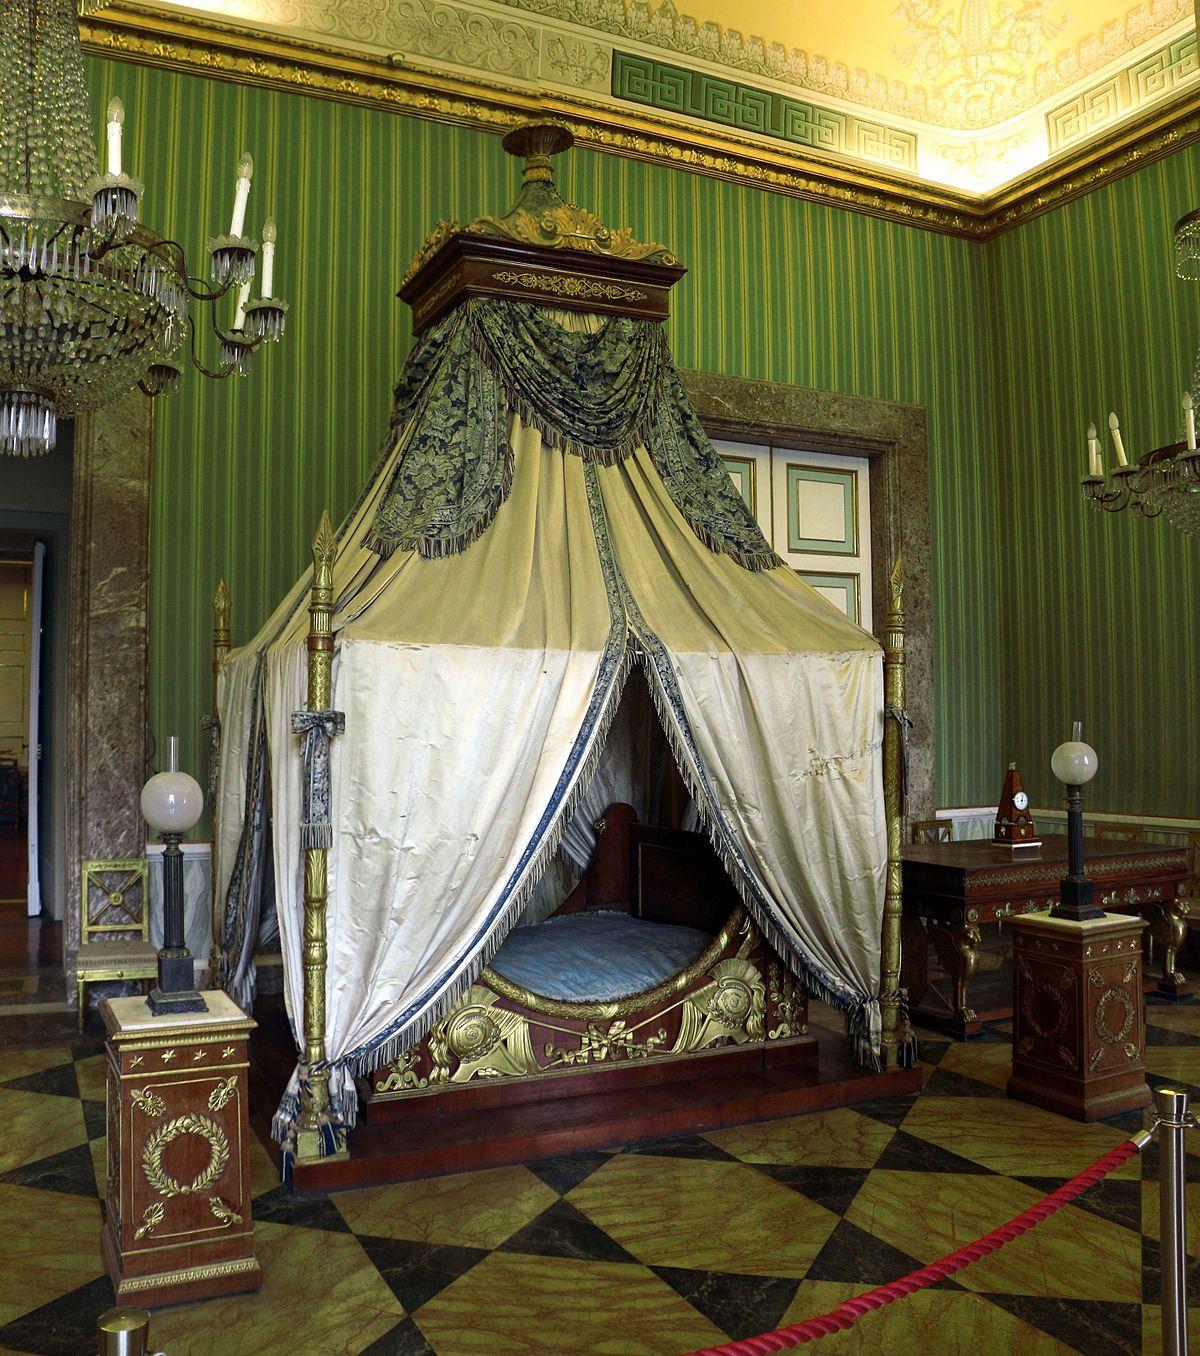 Stile impero arredamento wikipedia for Camera da letto vittoriana buia